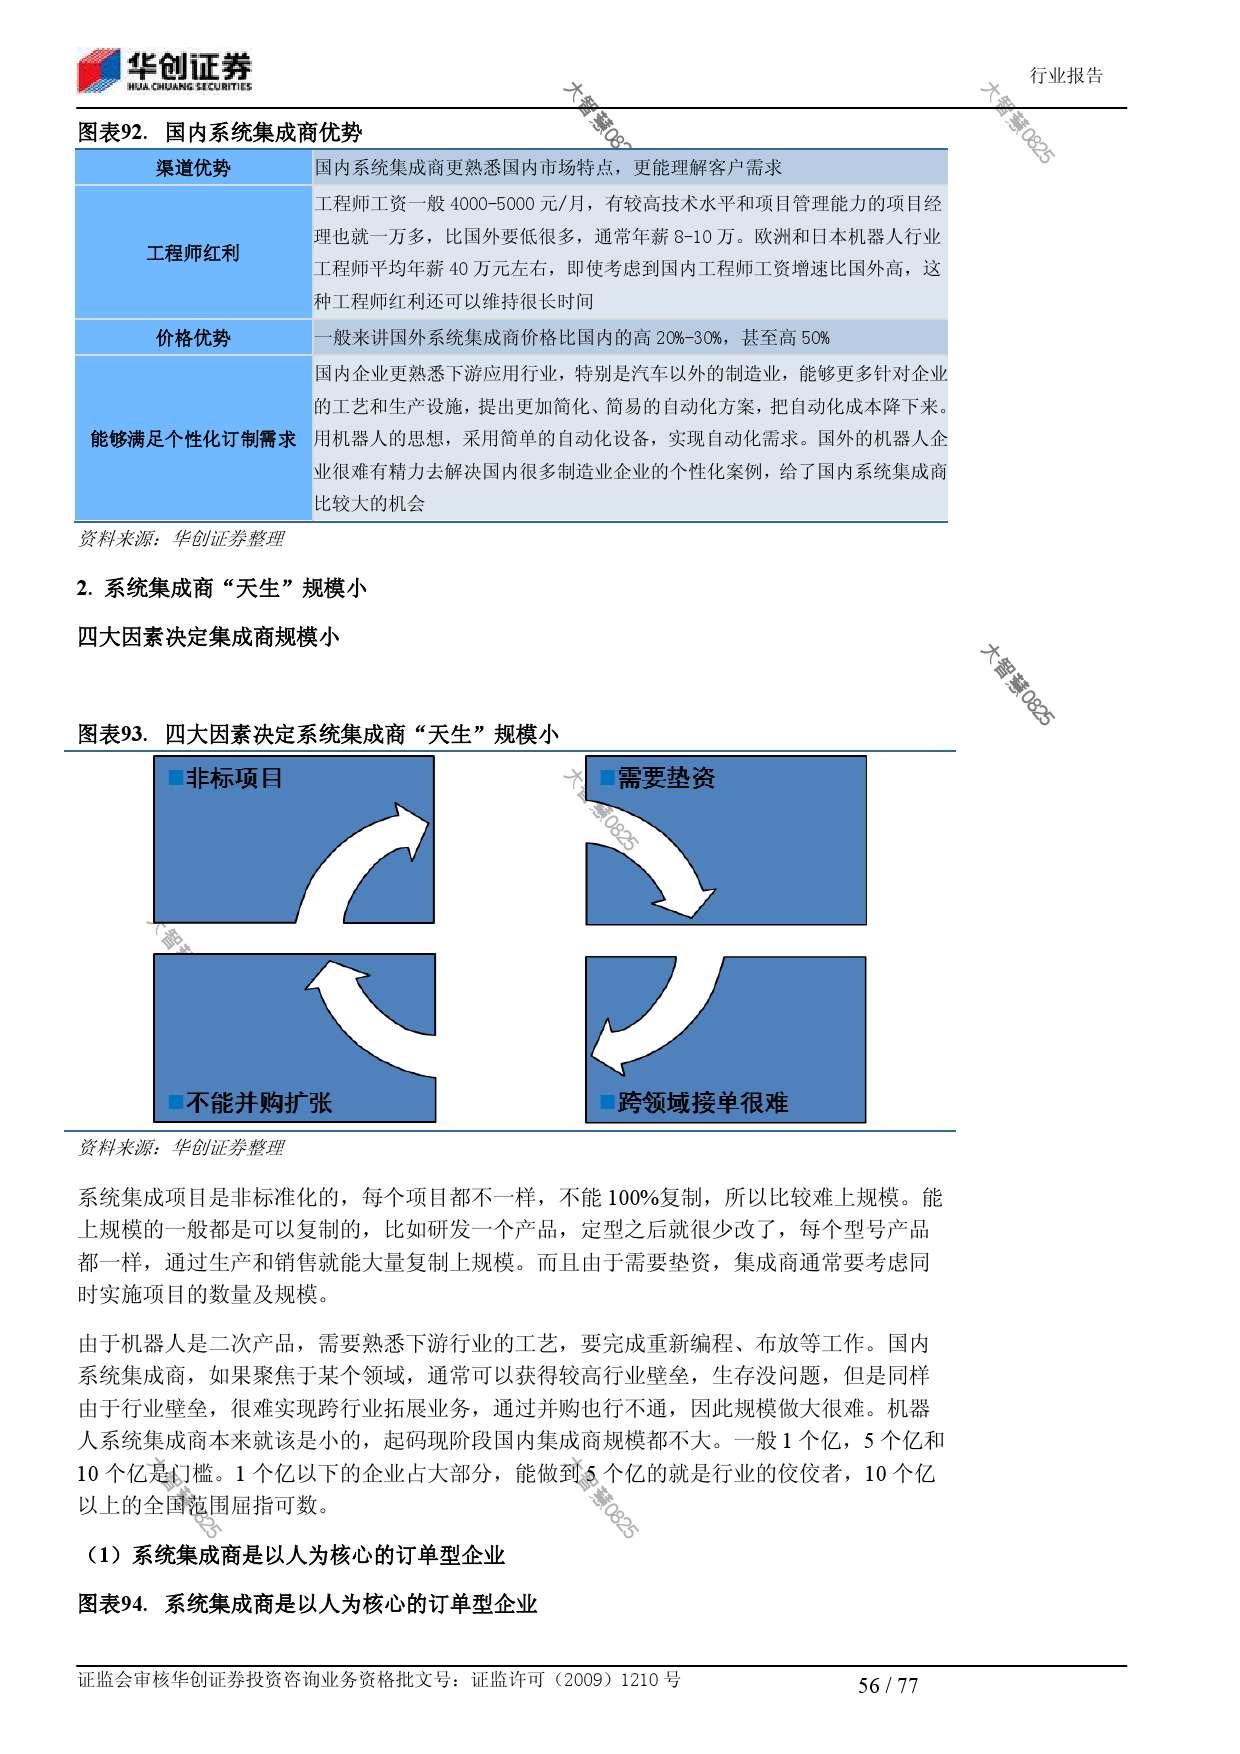 行业研究_华创证券_刘国清,鲁佩_机械设备:机器人大趋势_2014021_000056